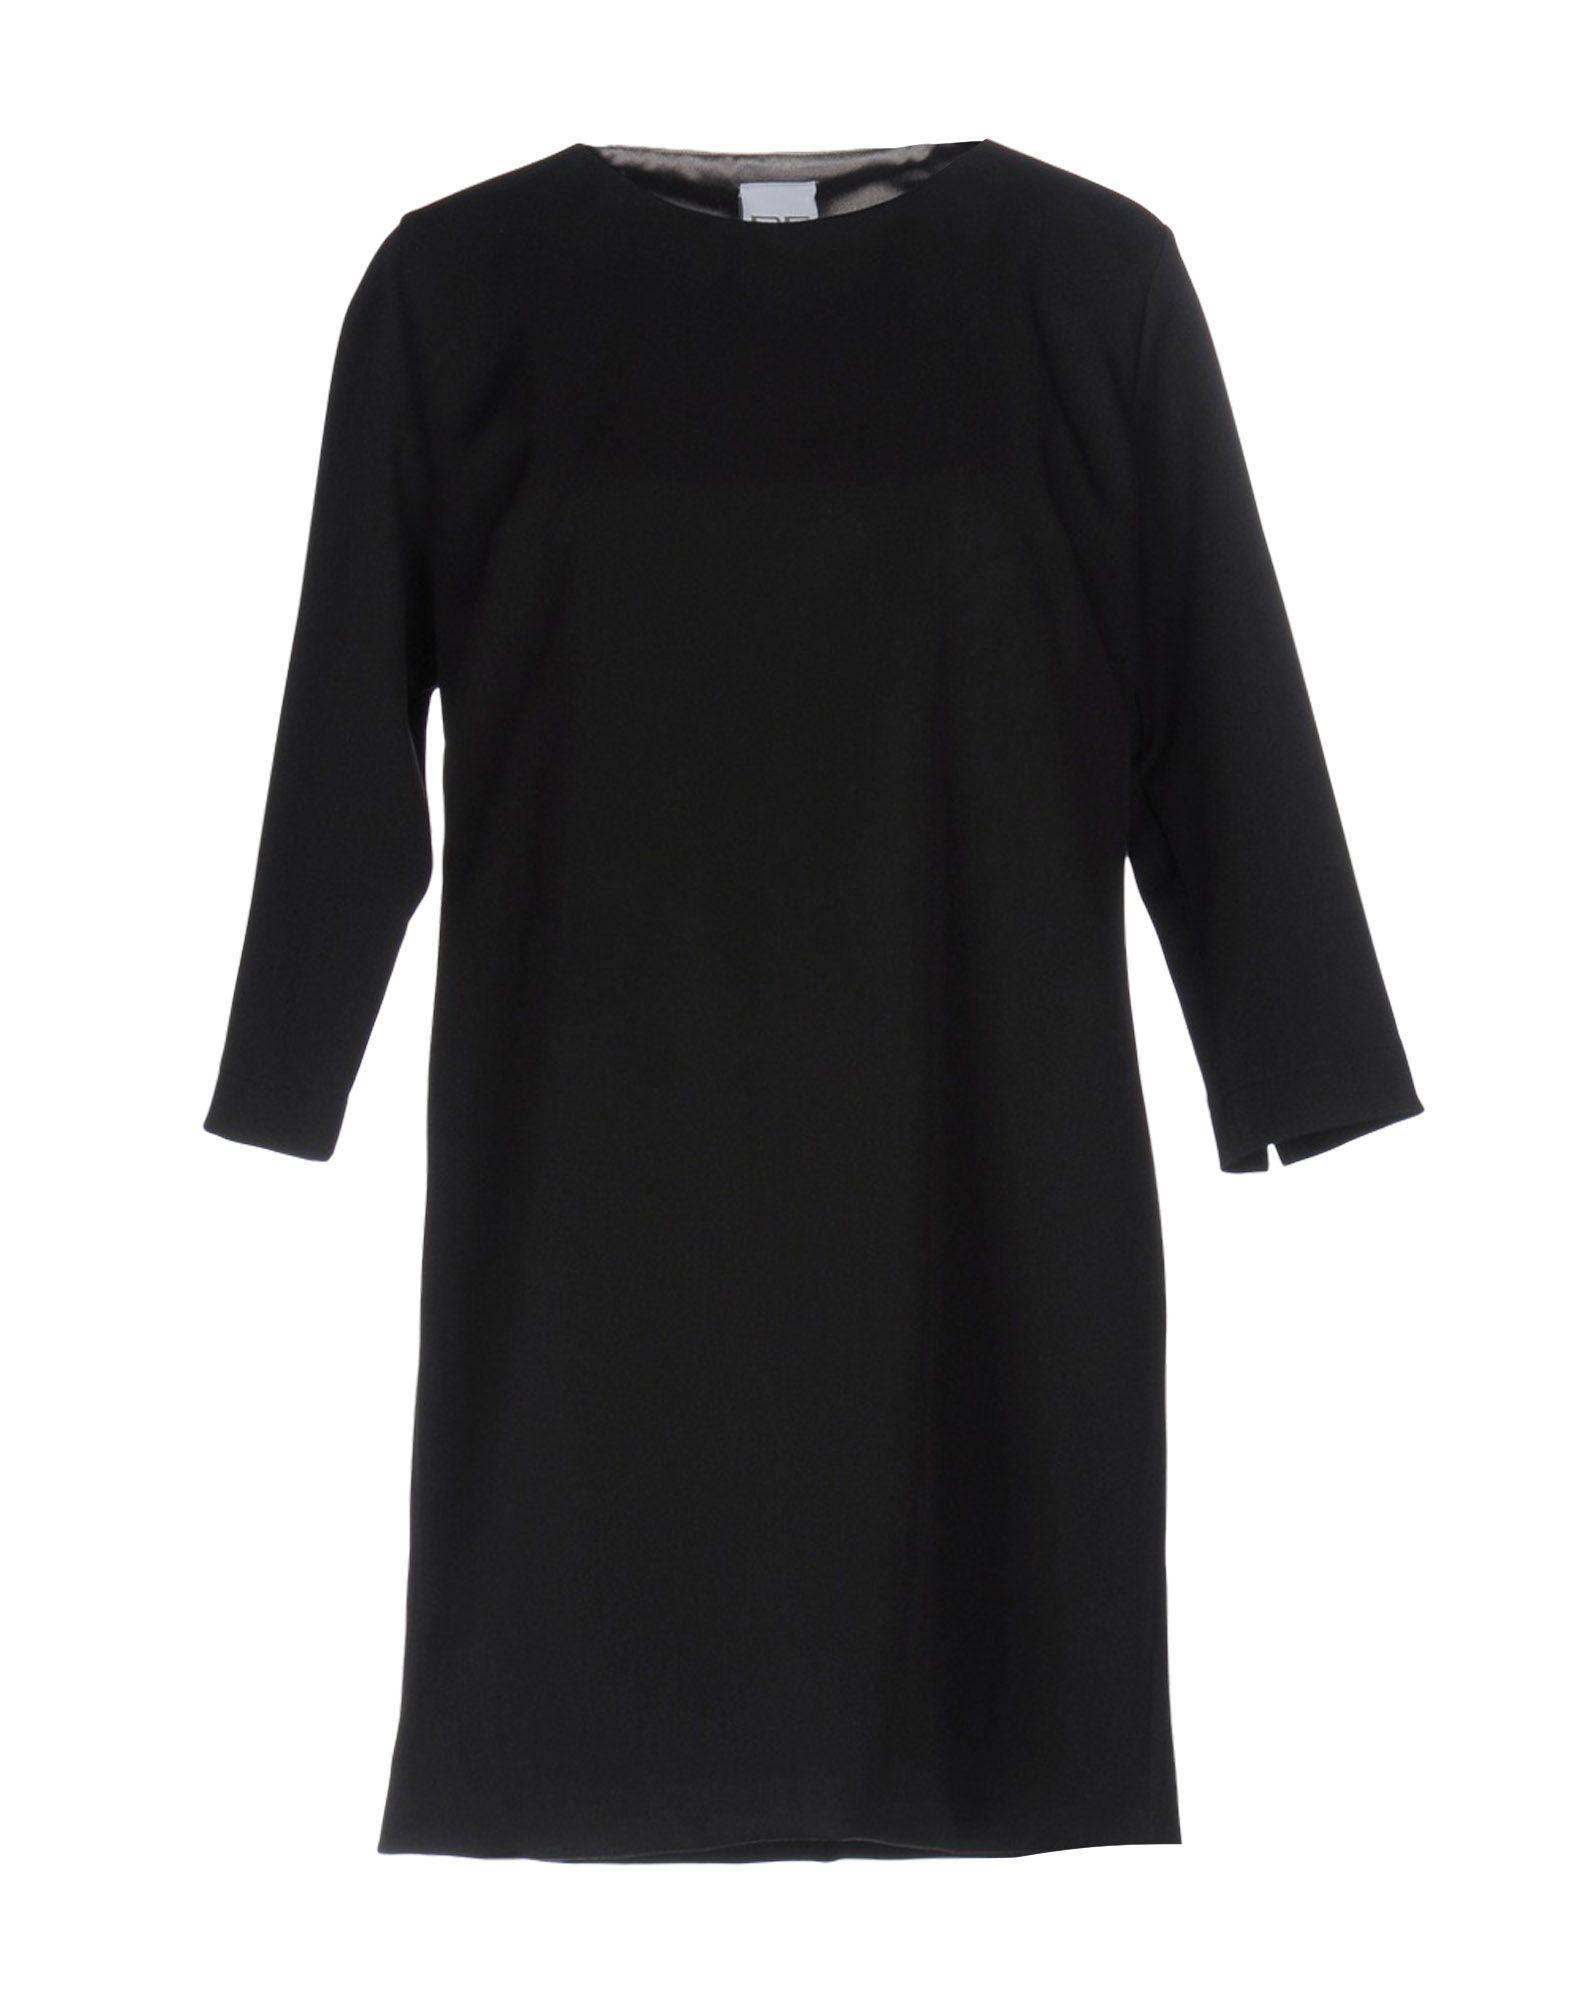 Pf Paola Frani Black Wool Three Quarter Sleeve Dress